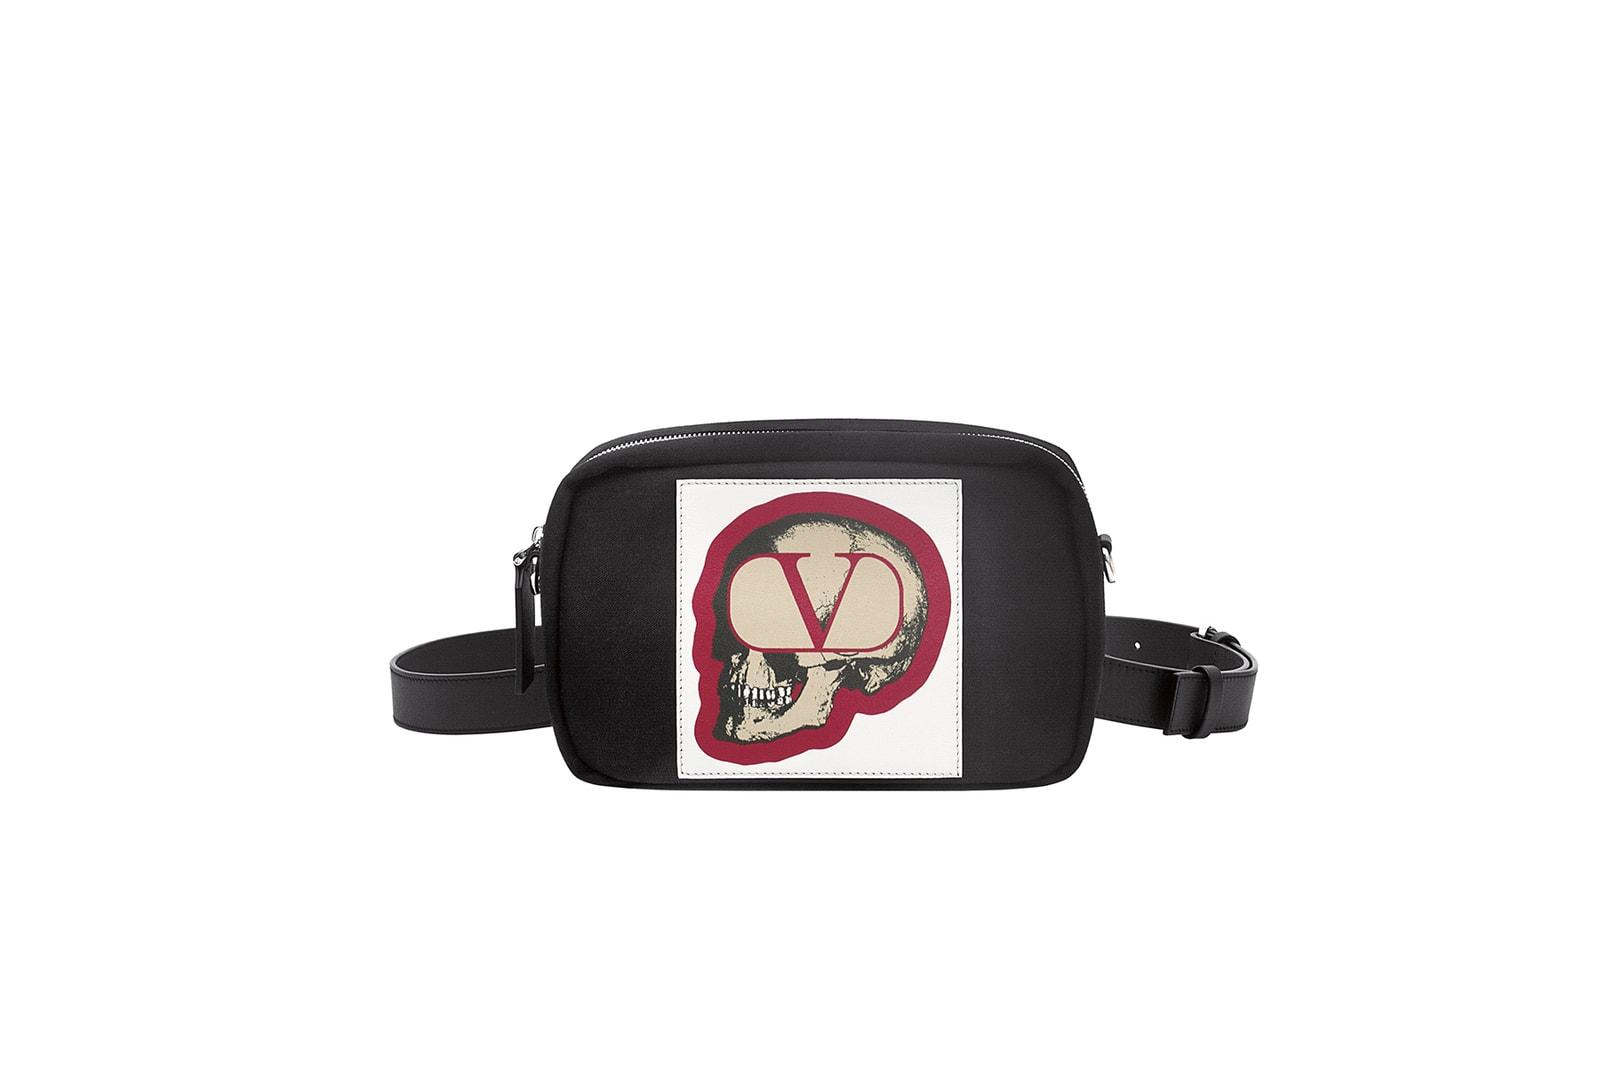 ヴァレンティノ valentino 2019 20 秋冬 メンズ キャンペーン ビジュアル UNDERCOVER アンダーカバー